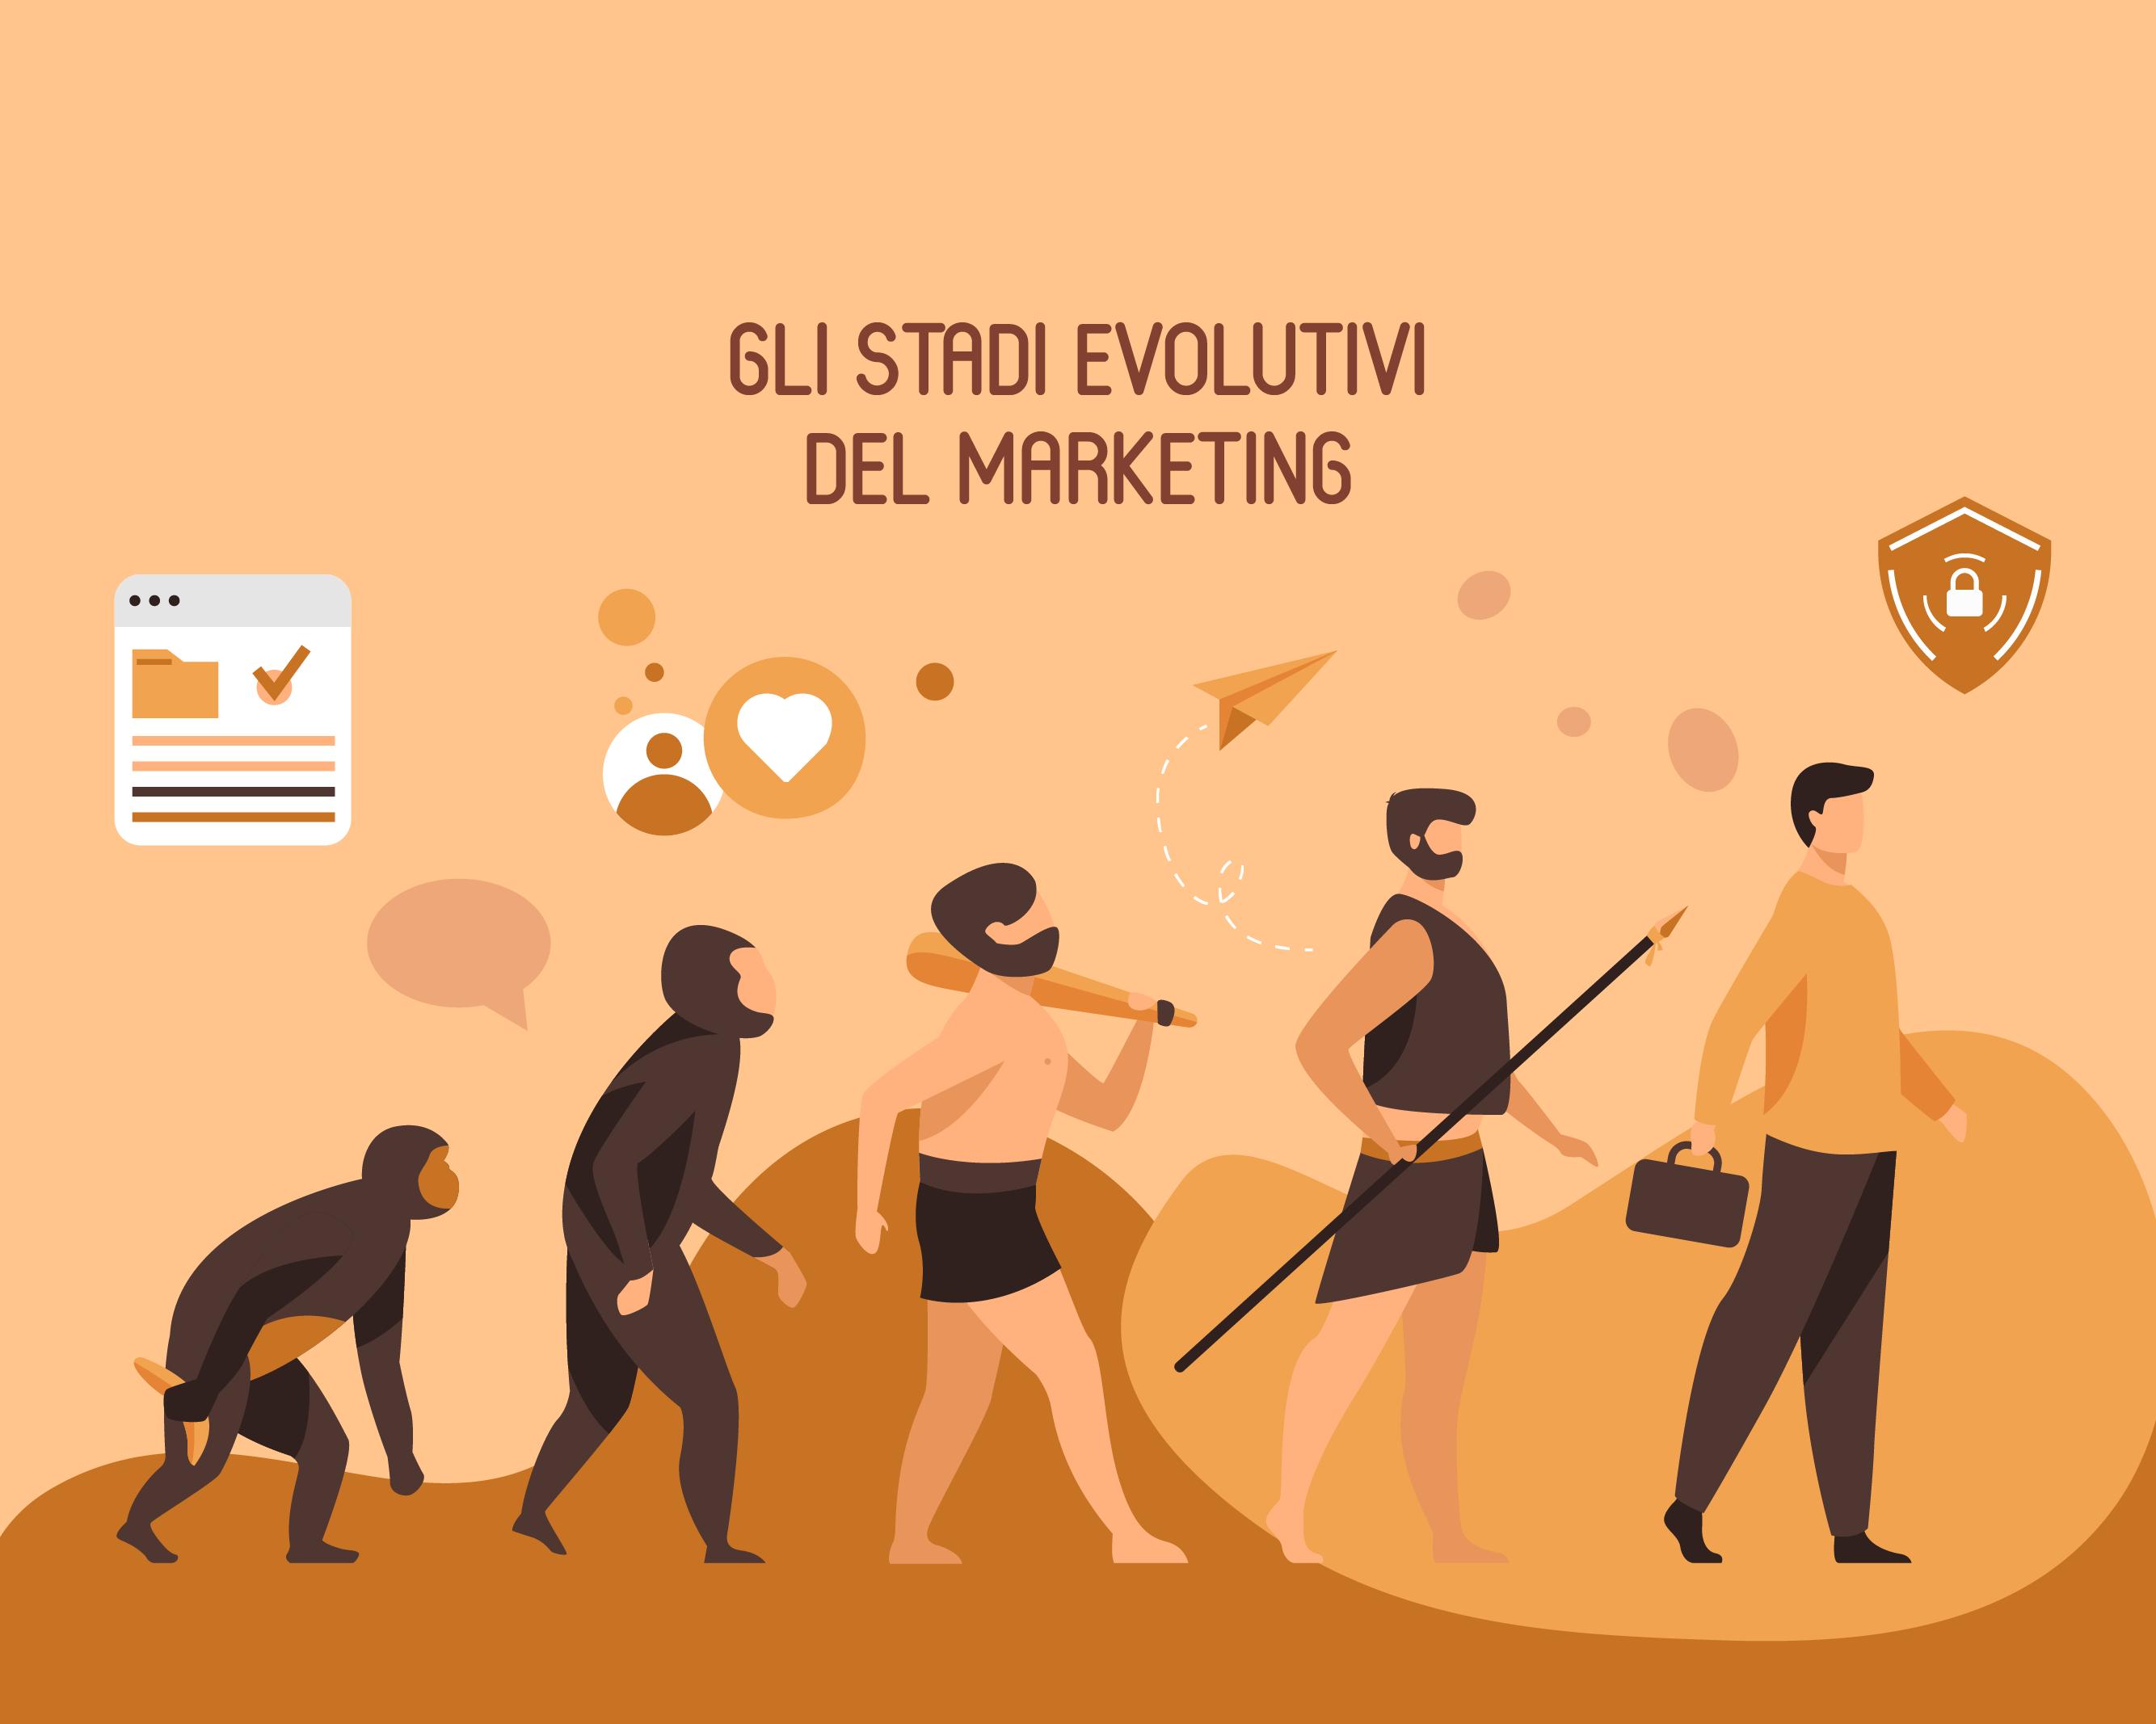 Gli stadi evolutivi del marketing